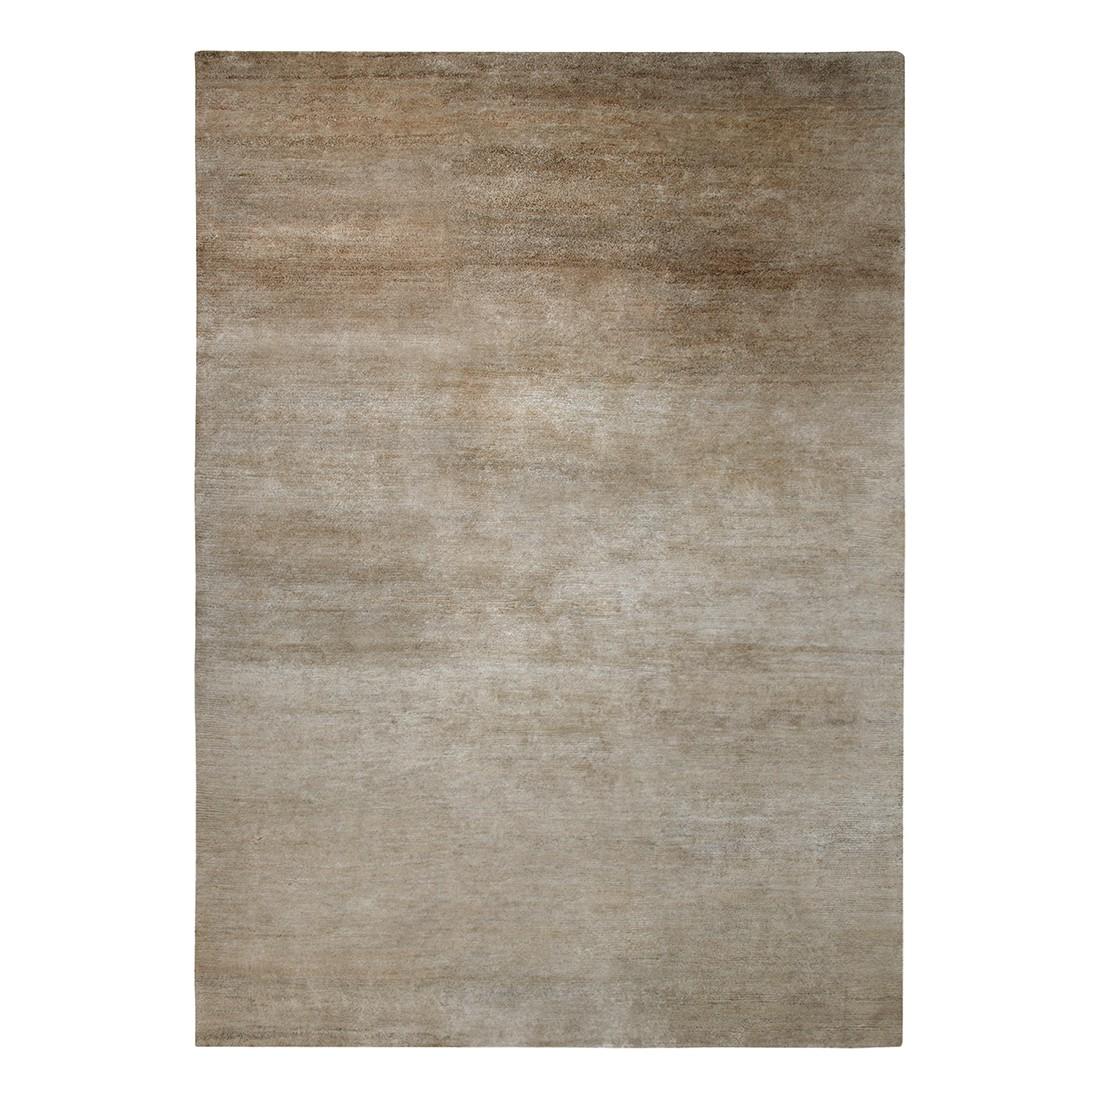 Teppich Allo – 170 cm x 240 cm, Esprit Home günstig kaufen